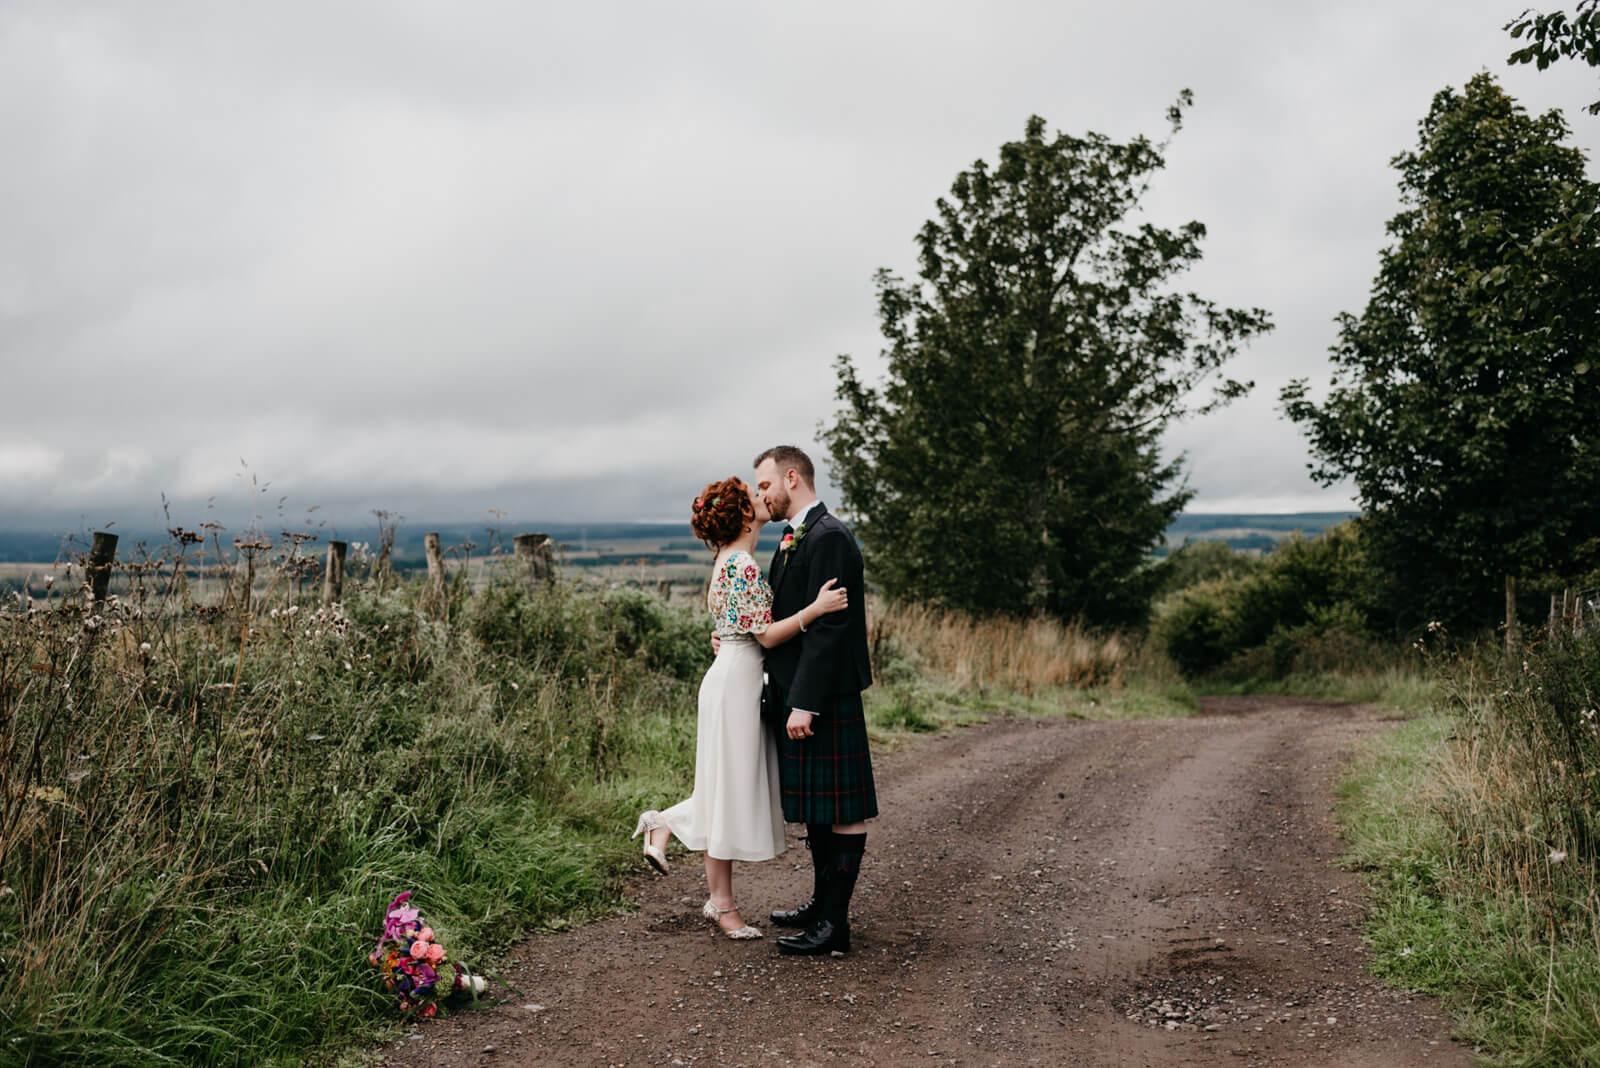 Stirling bride kisses groom during portrait session on Dunblane farm track